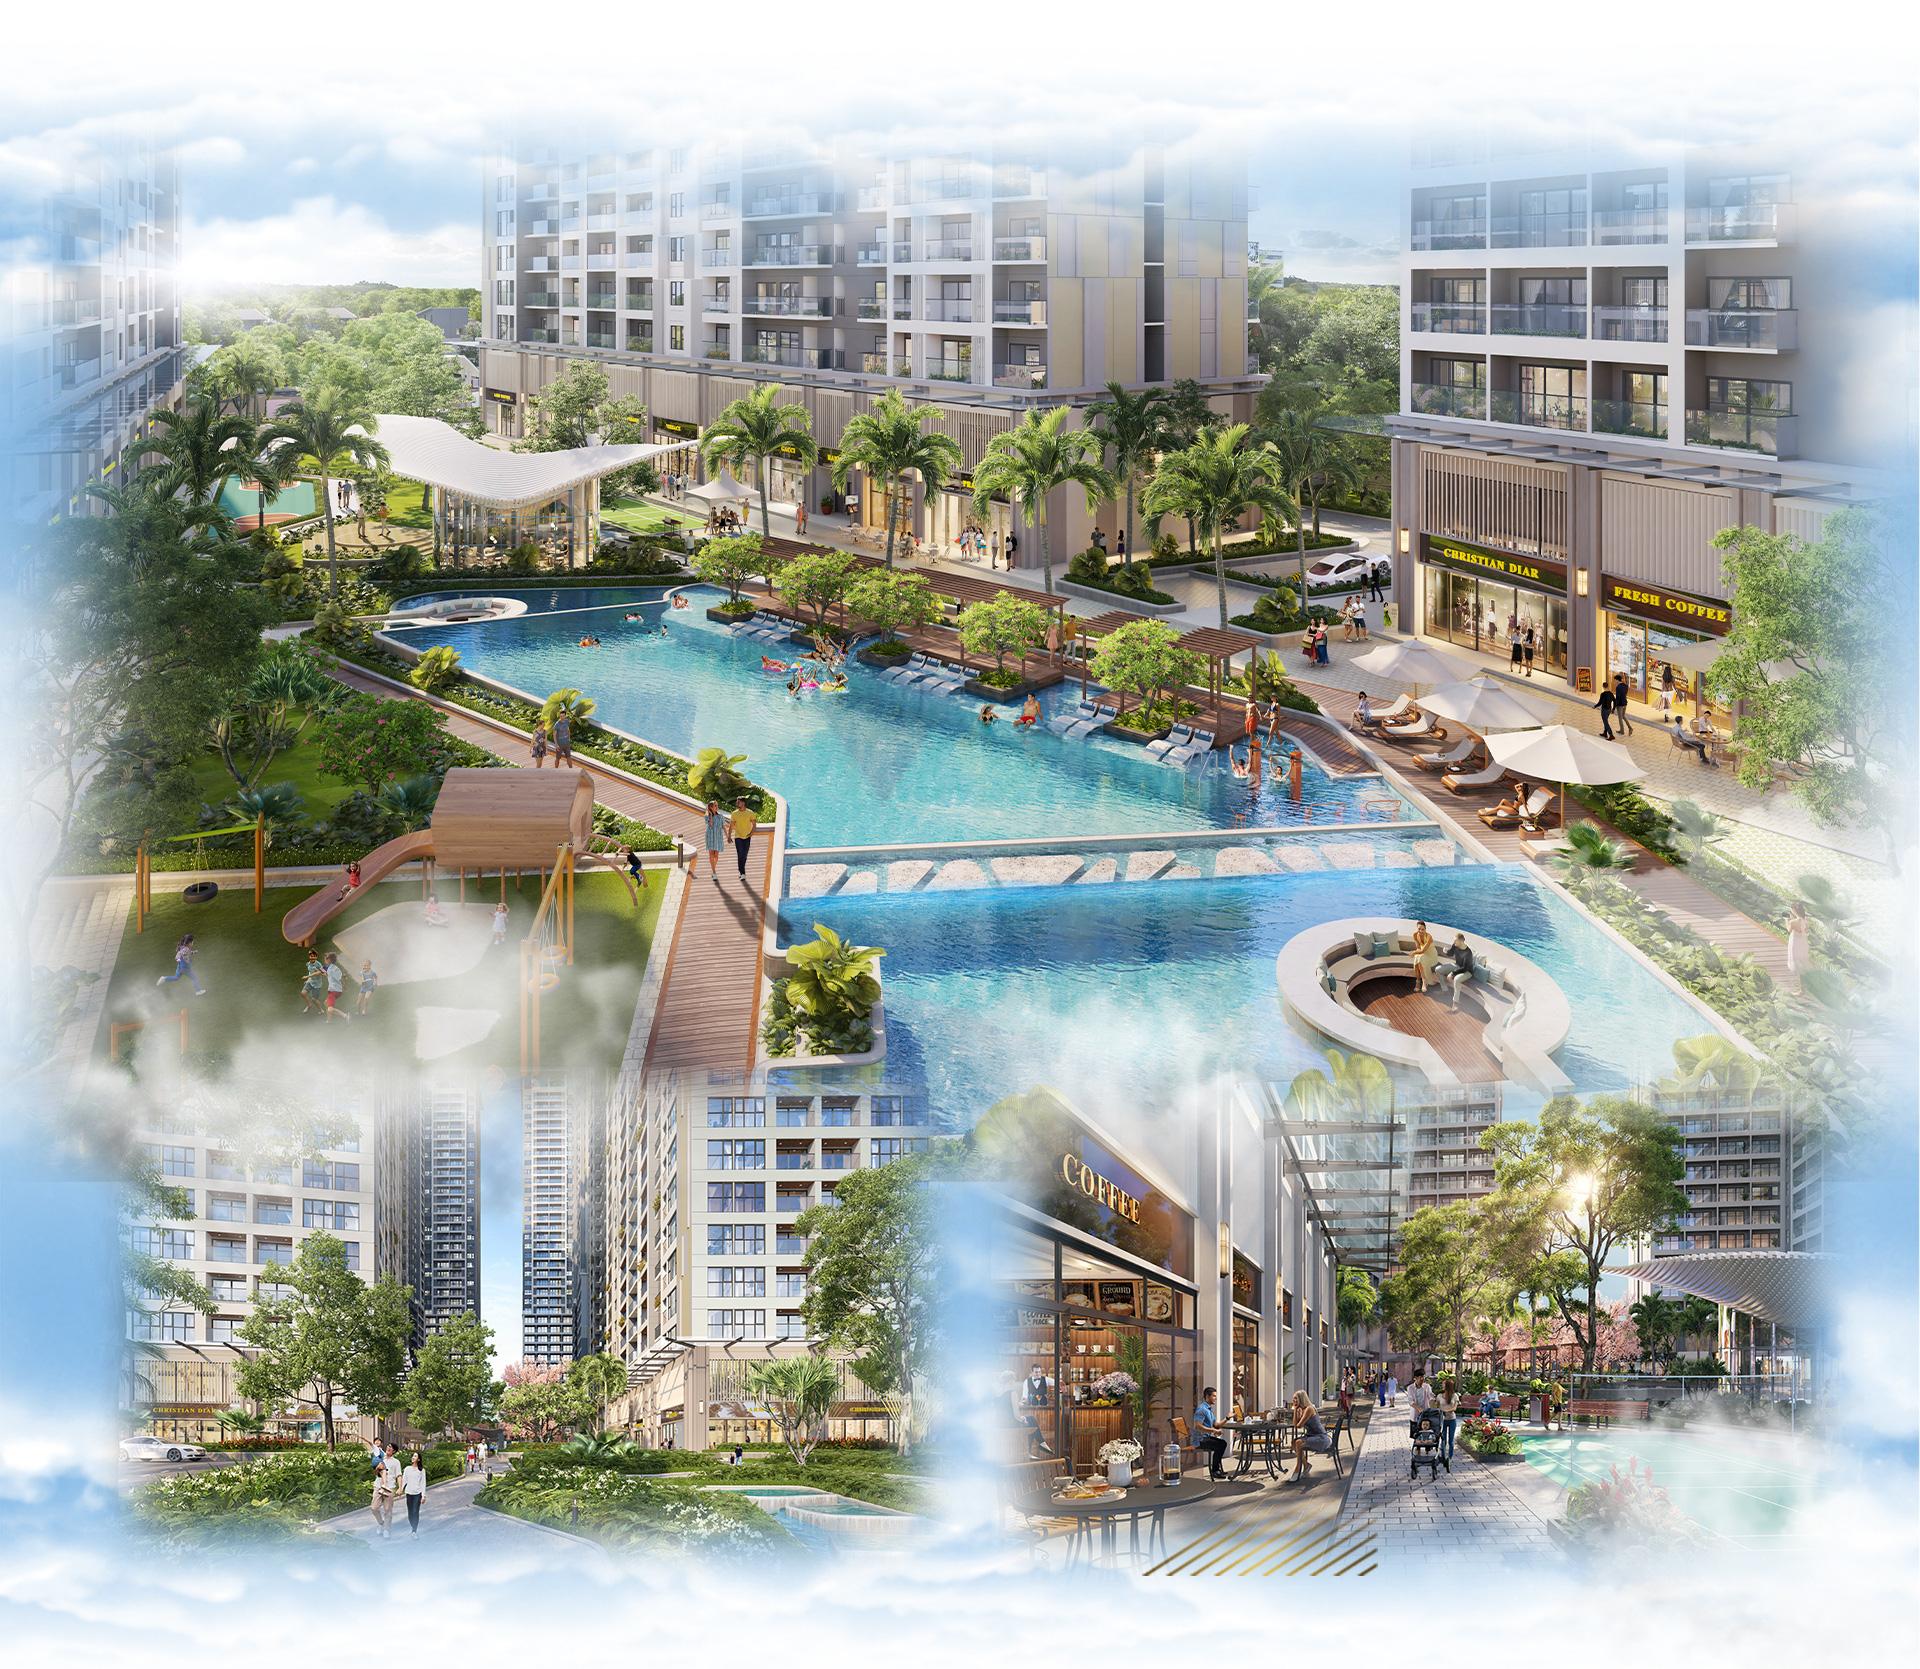 Anderson Park - căn hộ chuẩn hạng phòng Suite 5 sao đã sẵn sàng trình làng - Ảnh 9.